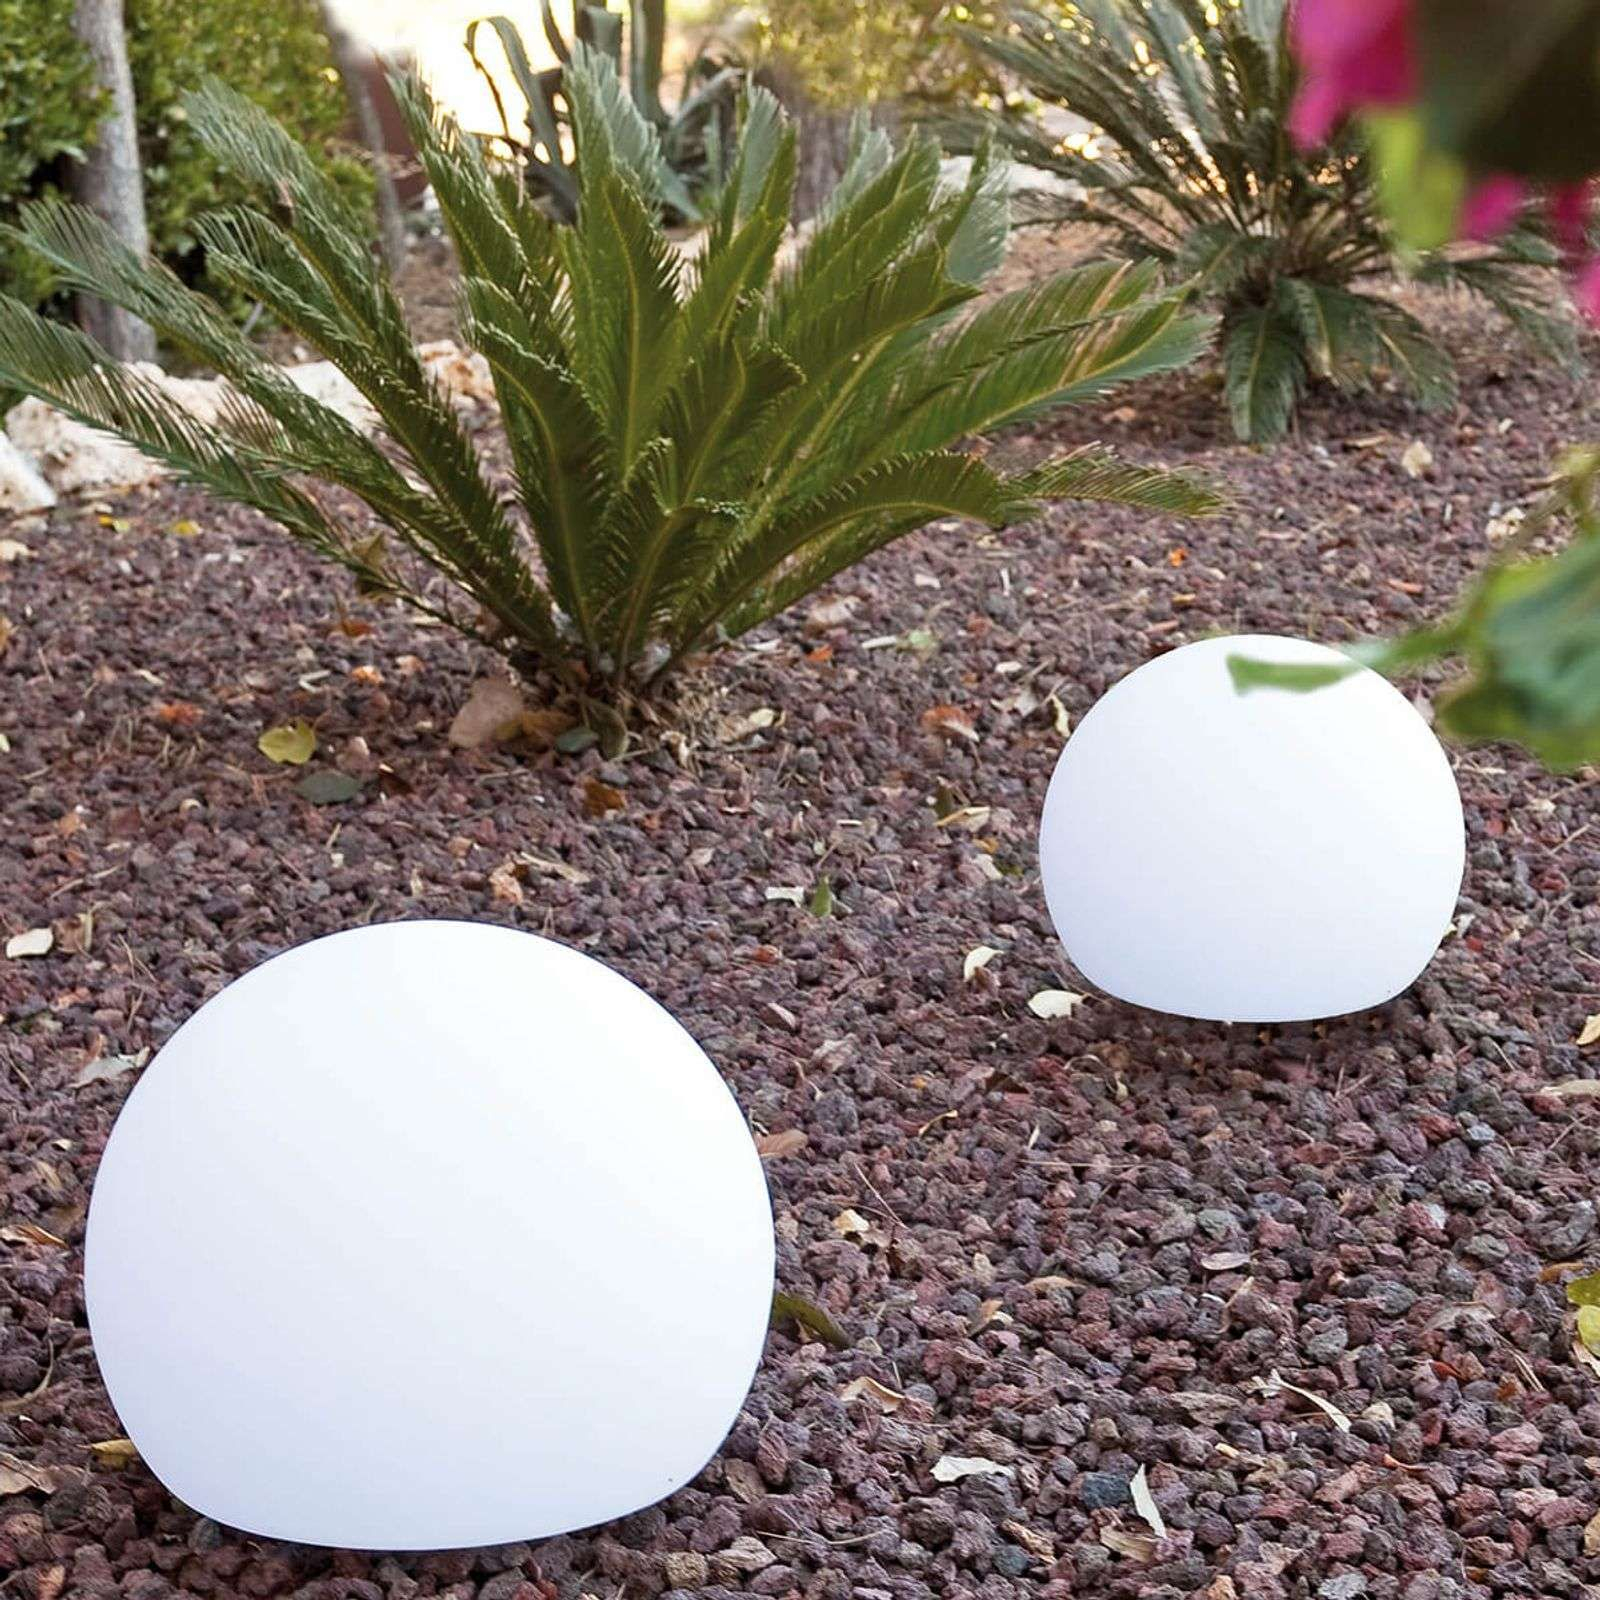 Lampe Décorative D'extérieur Sphérique Balda 40 Cm De ... dedans Boule Décorative Pour Jardin